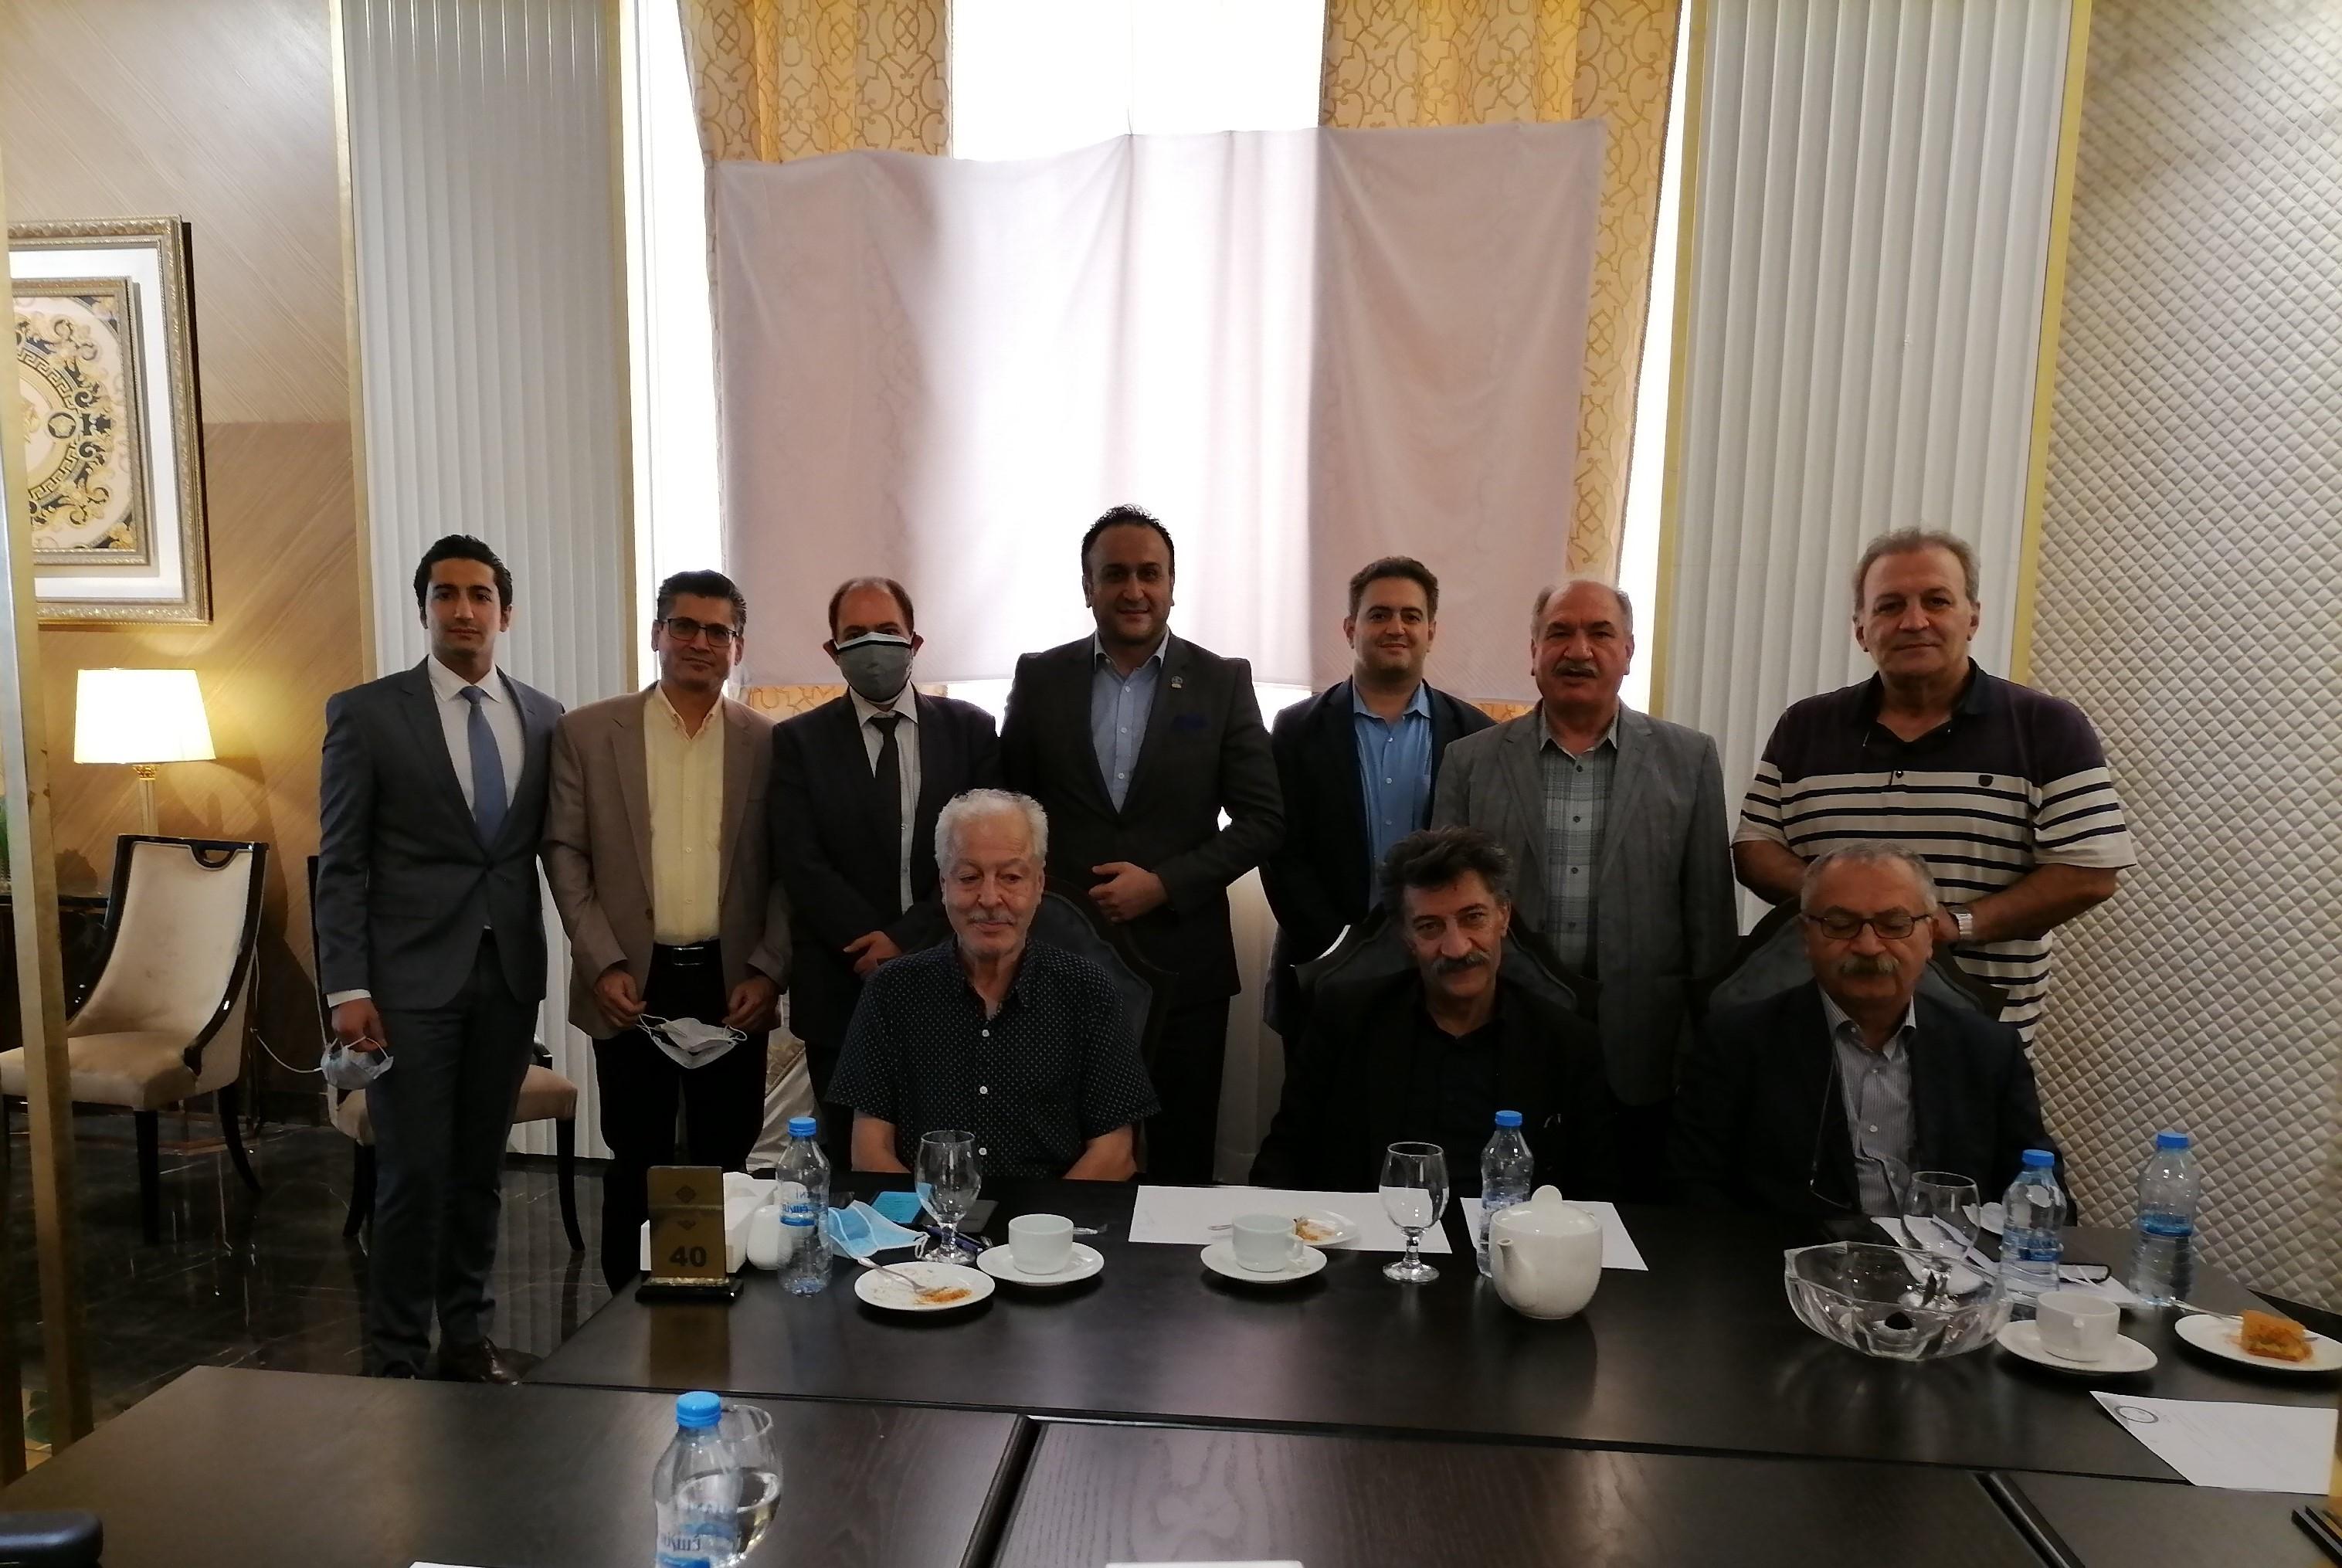 اتحادیه صنایع بازیافت ایران پنجمین هیئتمدیره خود را شناخت